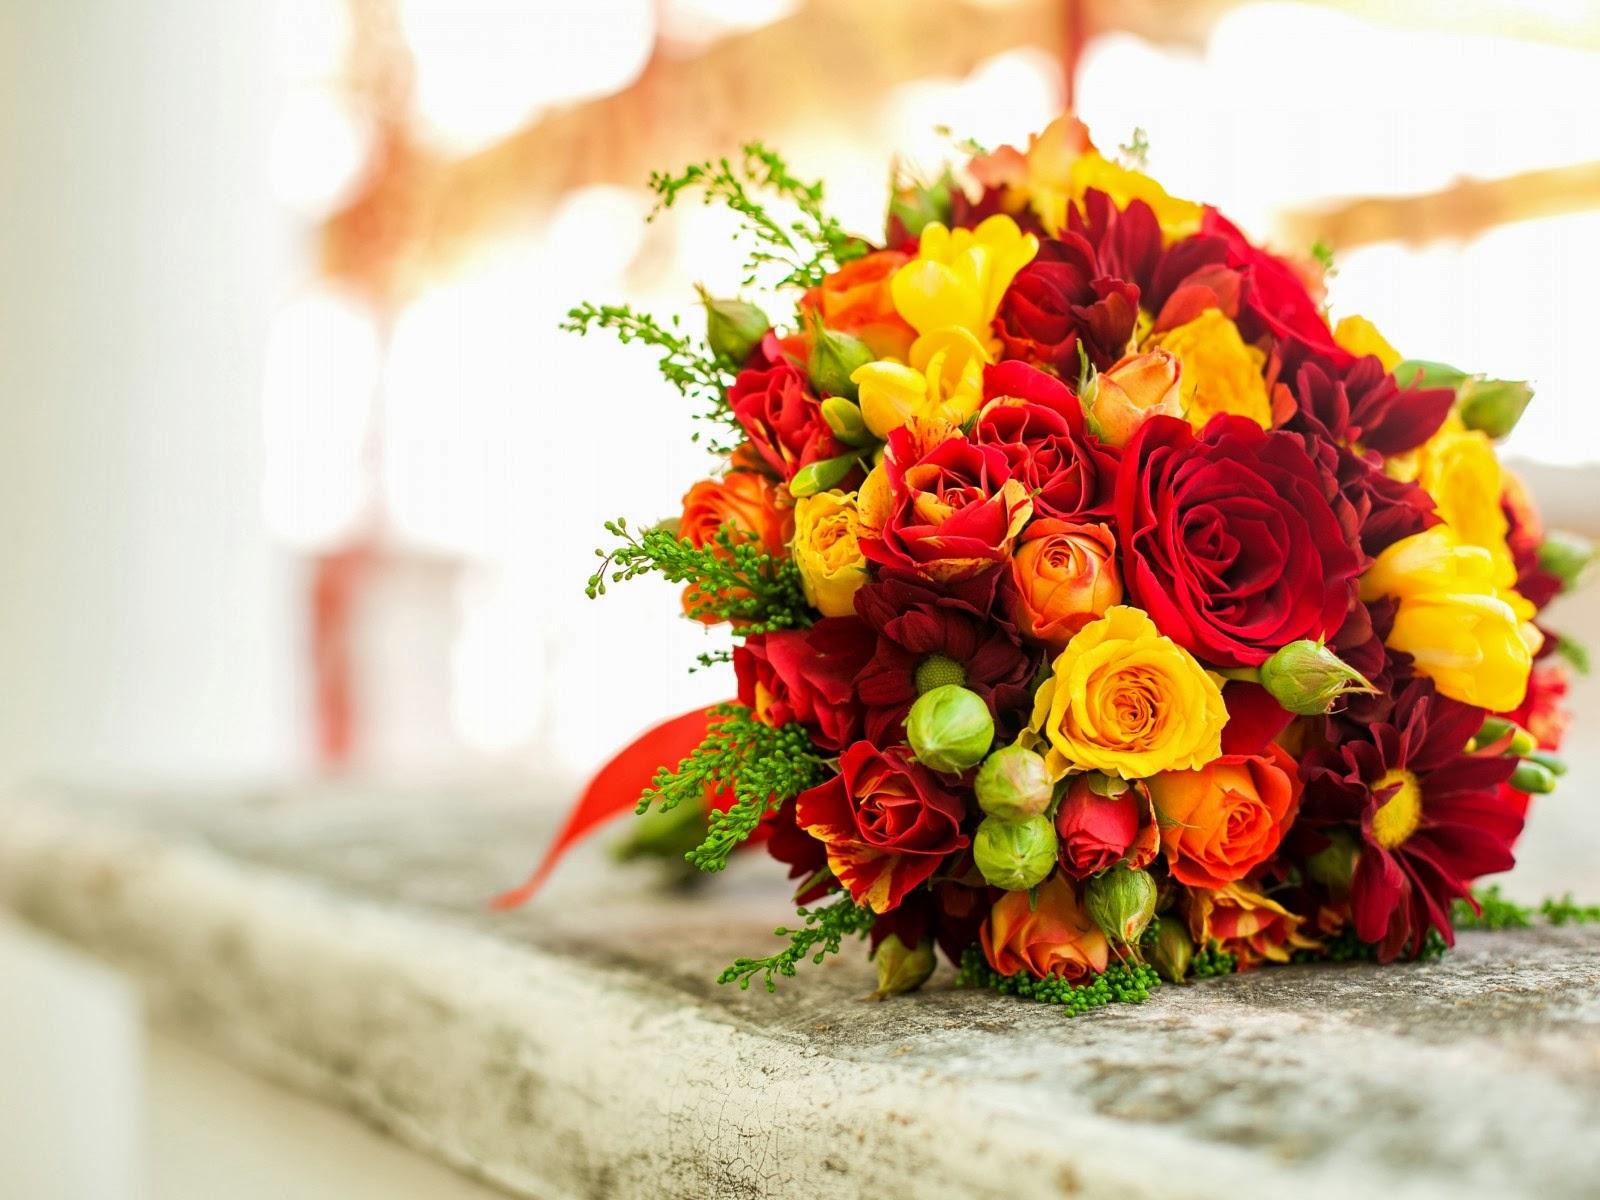 بالصور ورود جميلة , اجمل الورود و الذهور الرائعه 765 3